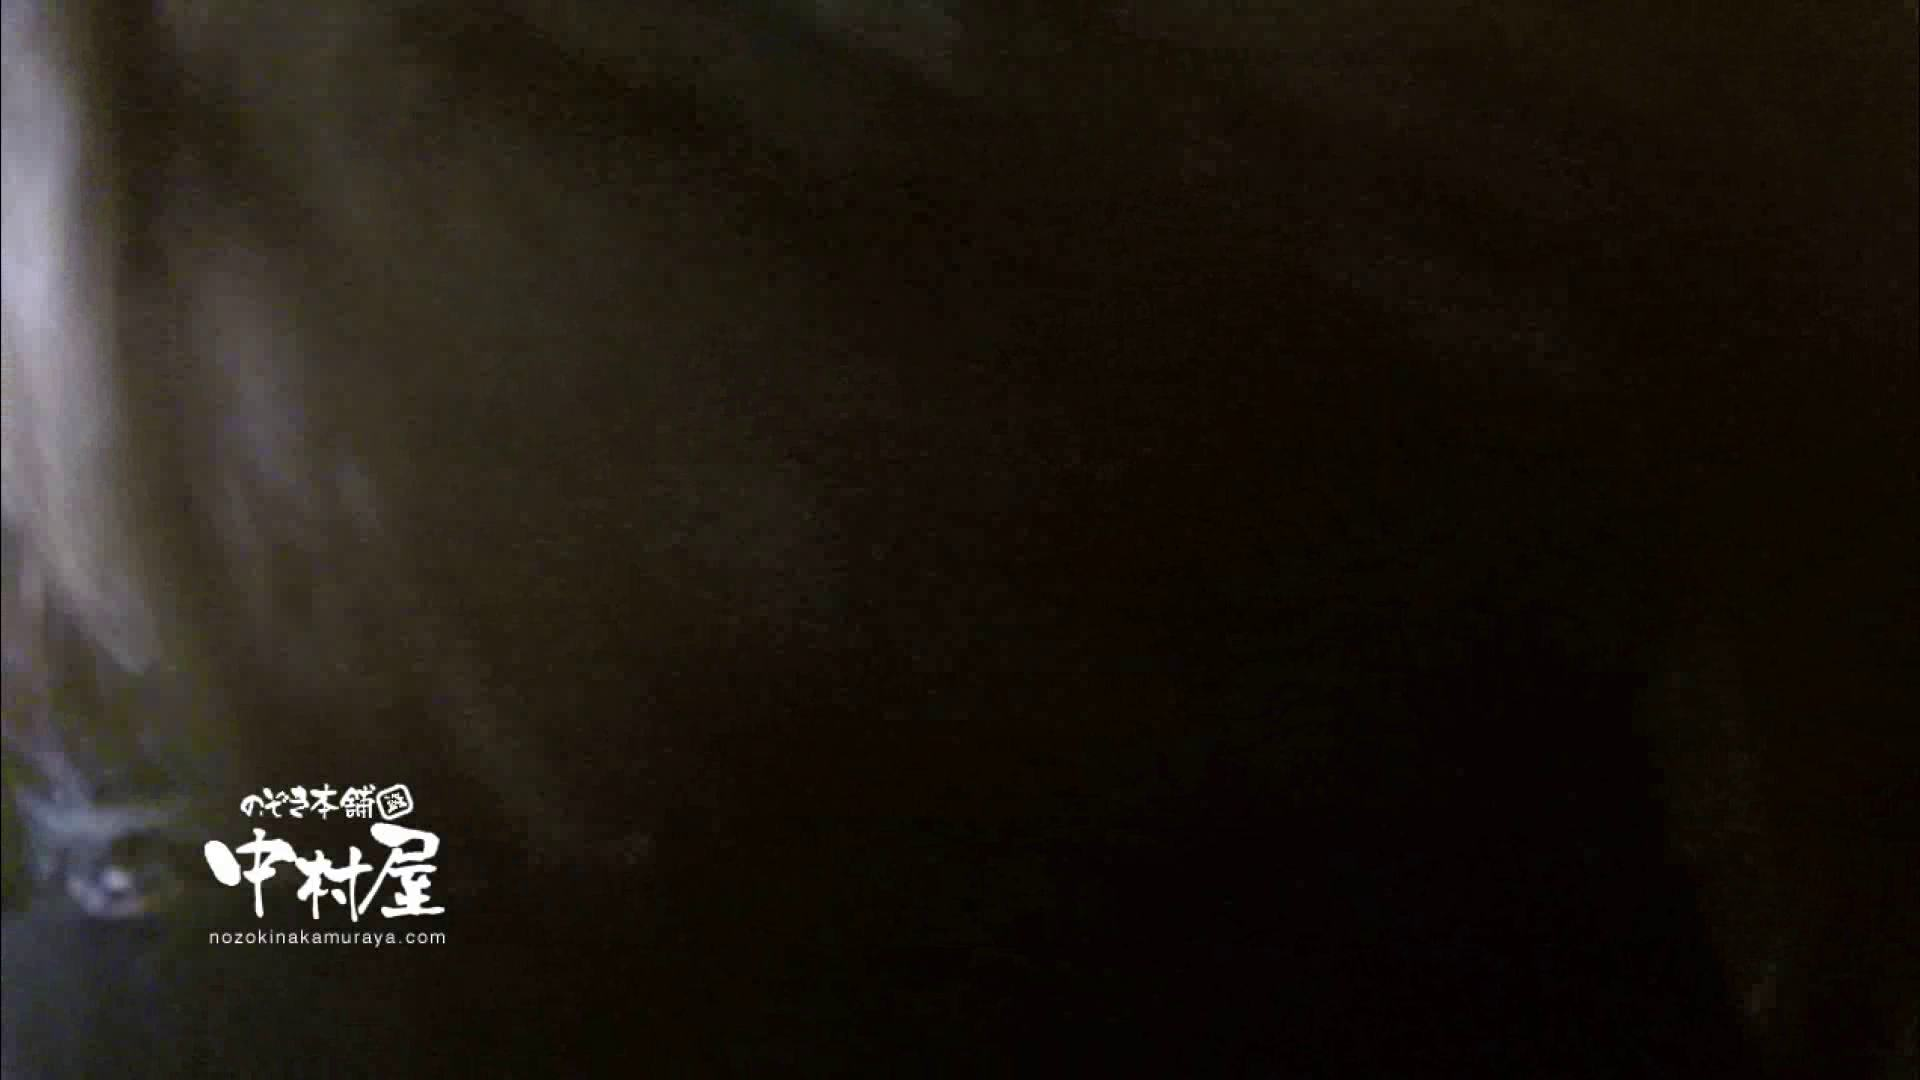 鬼畜 vol.11 下の口は正直なオンナ 後編 鬼畜   OLのエロ生活  93連発 67